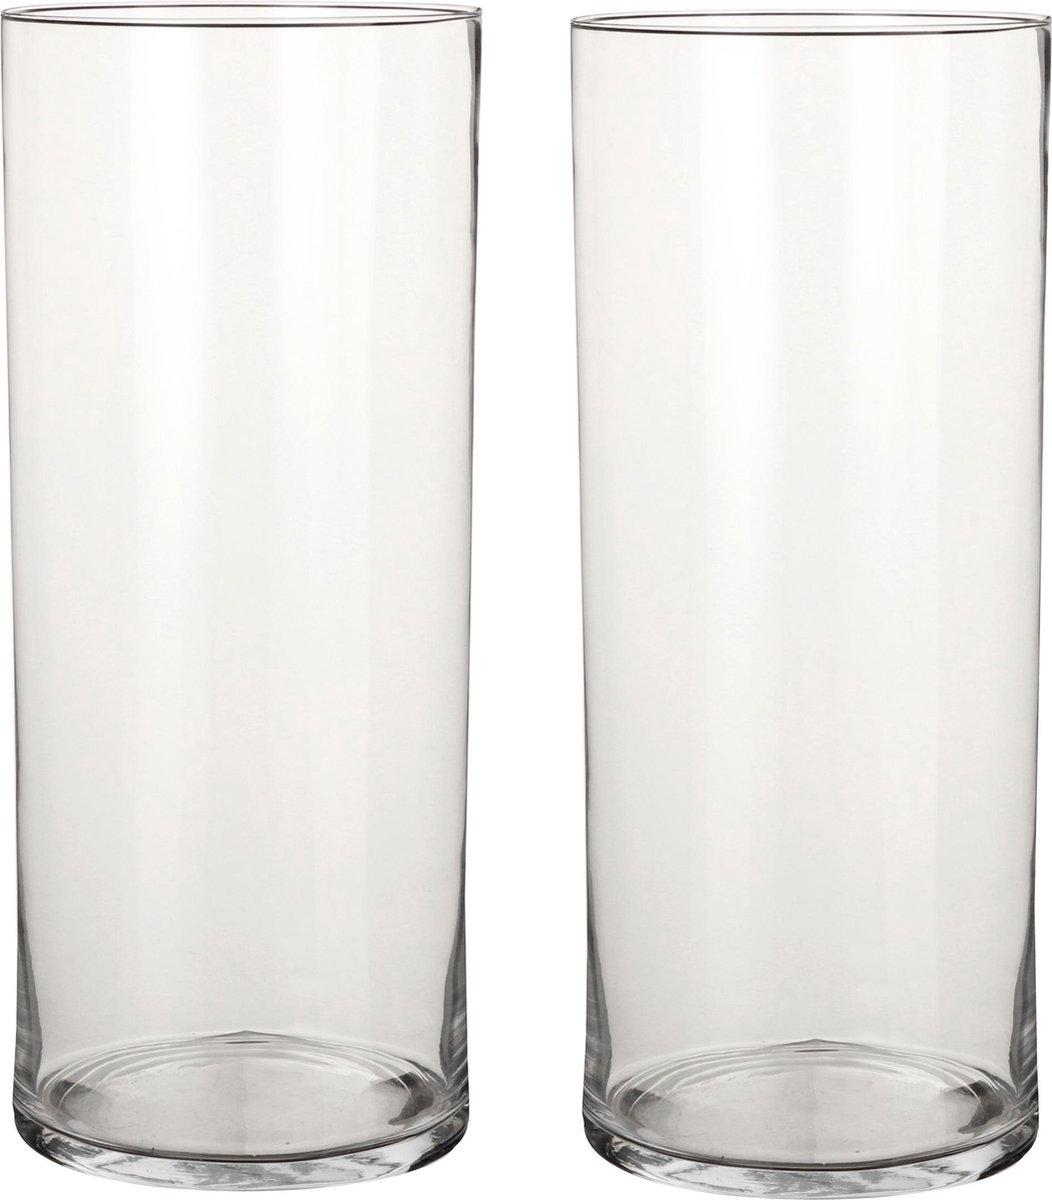 2x Ronde bloemen vaas/vazen van helder glas 48 cm - Voor verse of kunst bloemen en boeketten - Glazen vazen transparant 2 stuks